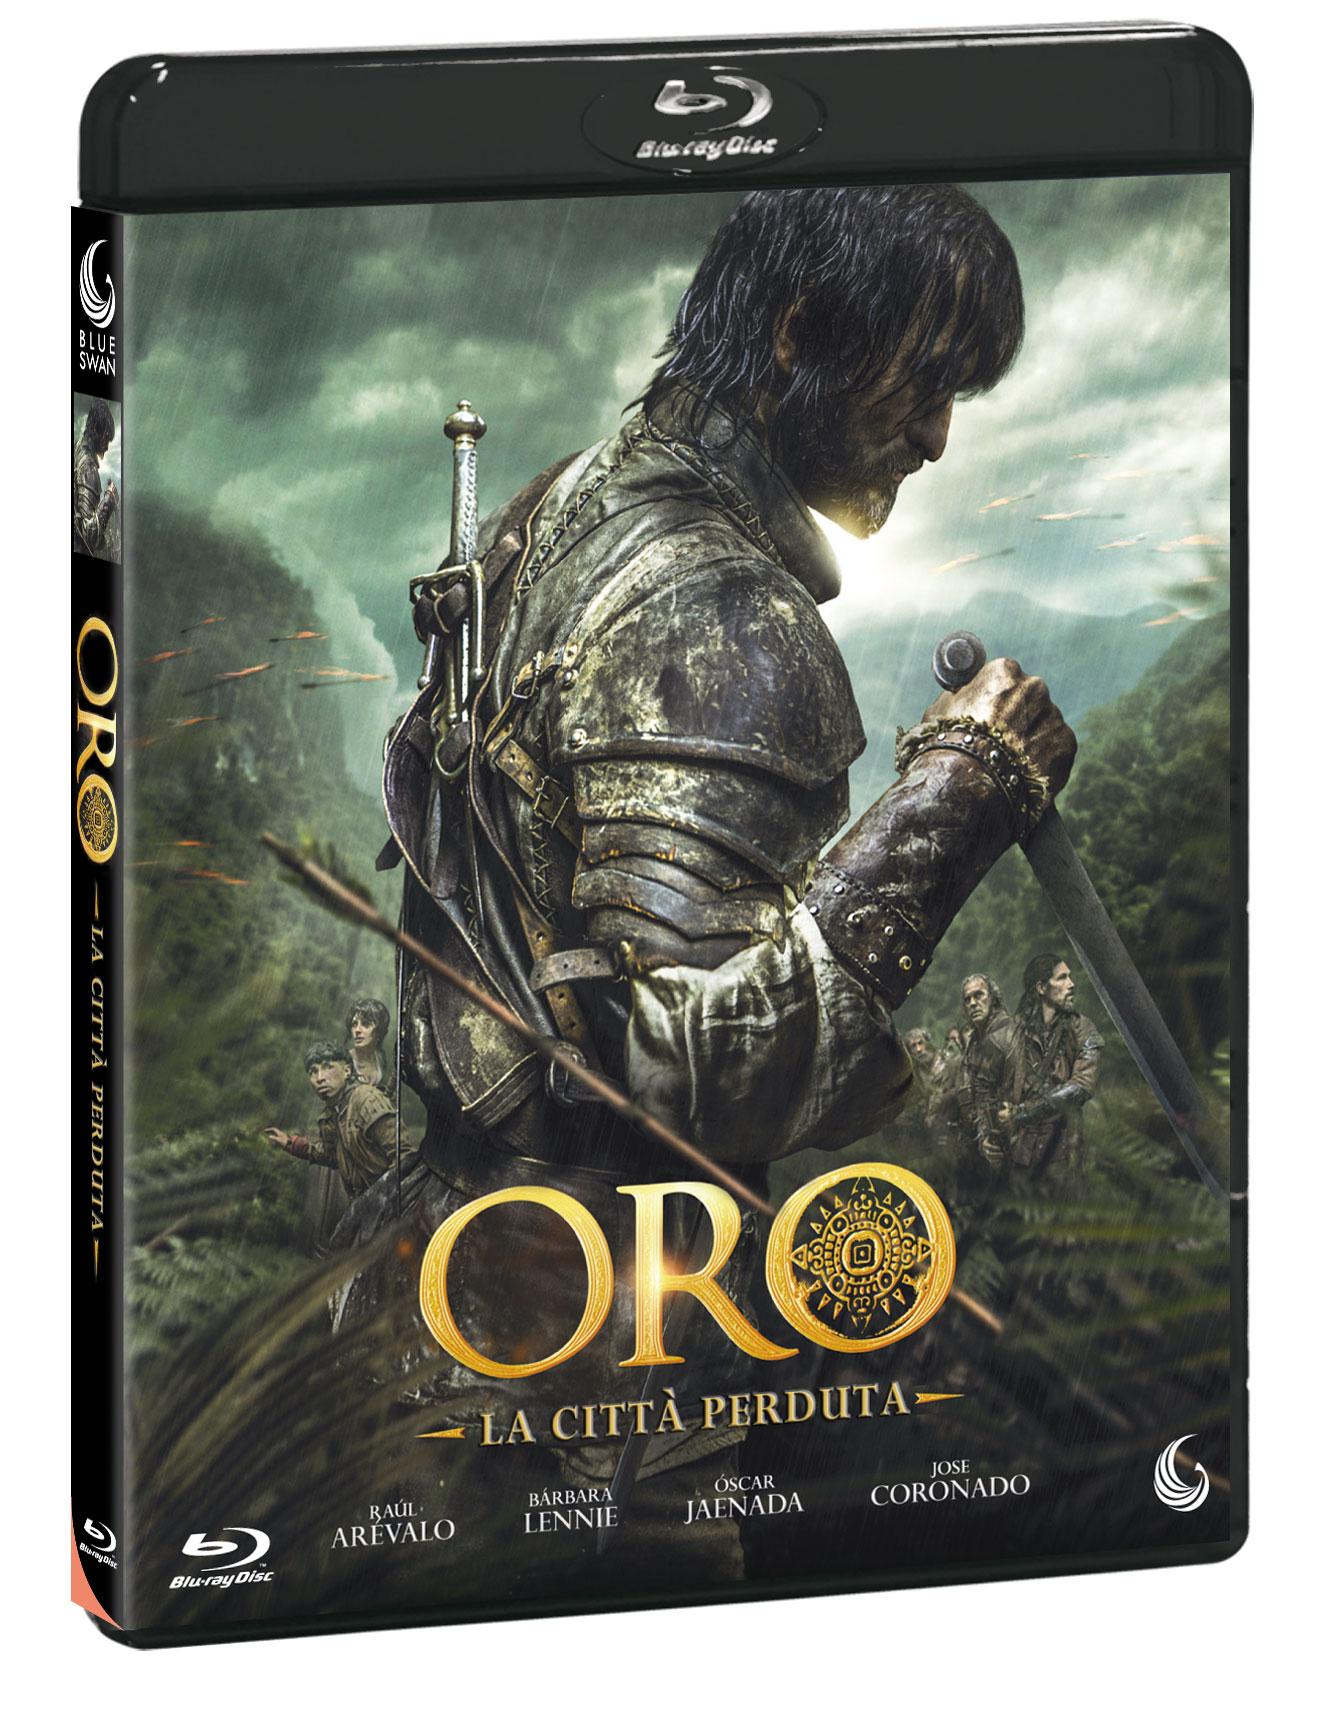 ORO - LA CITTA' PERDUTA - BLU RAY